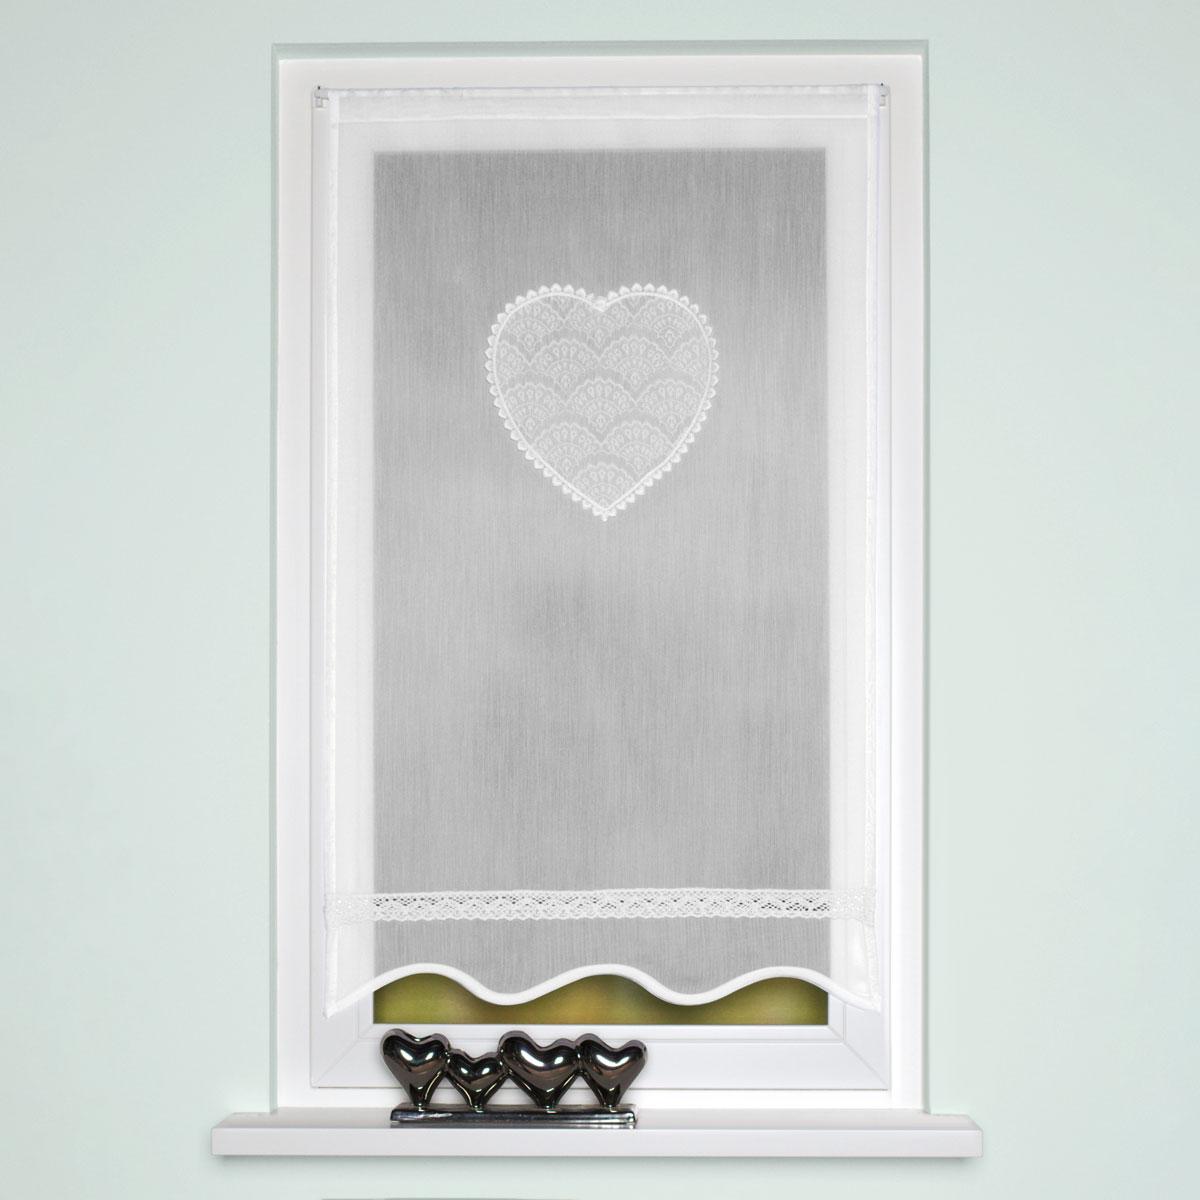 Fensterbehang Türbehang Batistoptik Applikation Herz mit Häkelborte 180x60cm